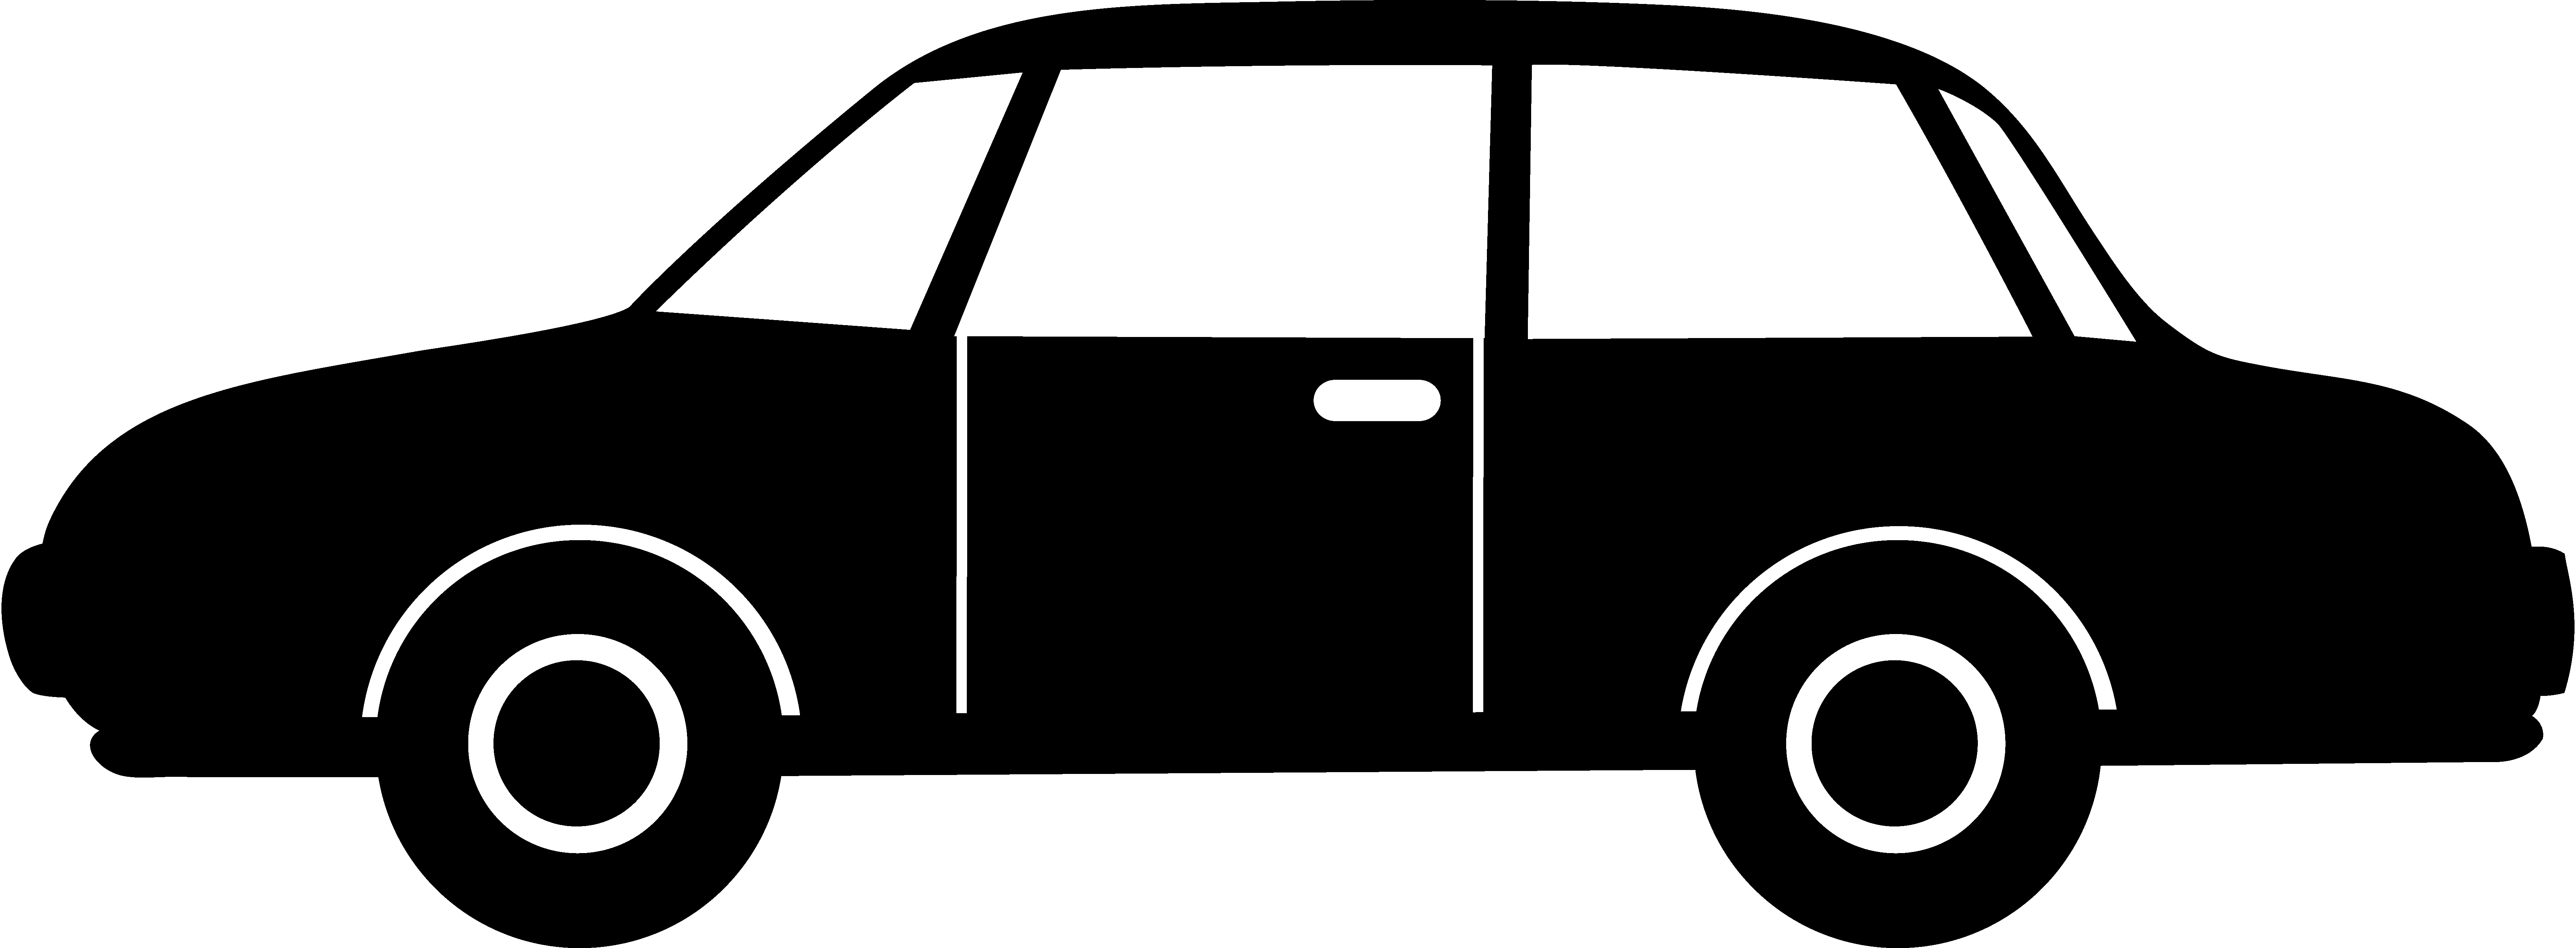 Race Car clipart simple Pdclipart Car Car black images